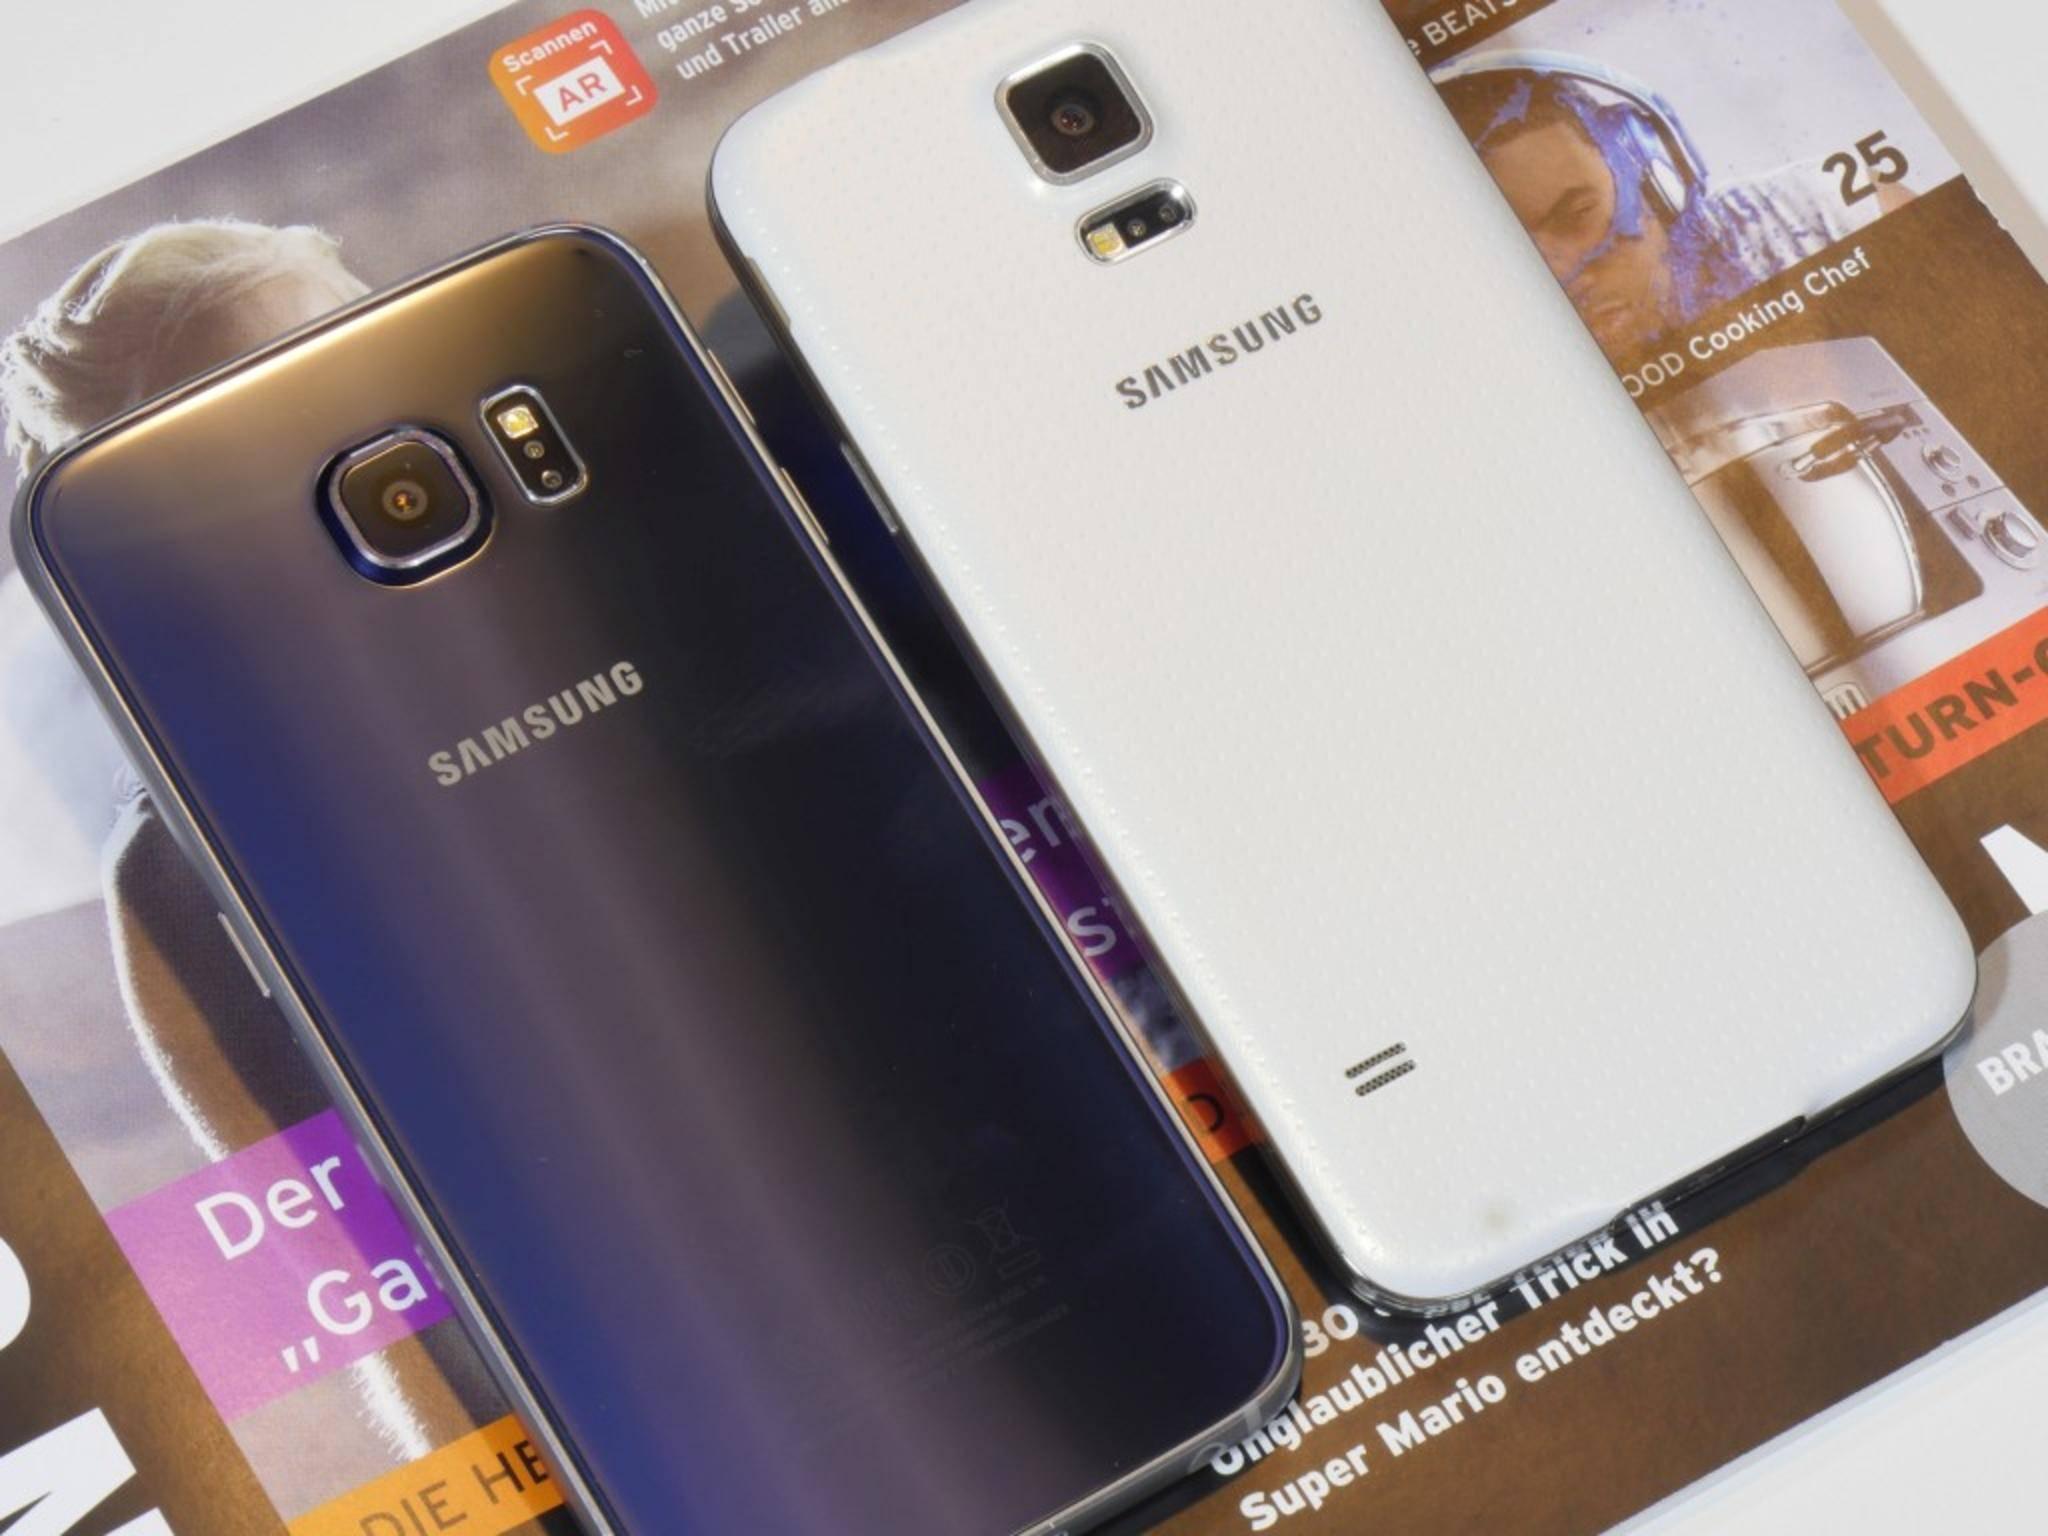 Welche Specs besitzt der Nachfolger zum Galaxy S6?